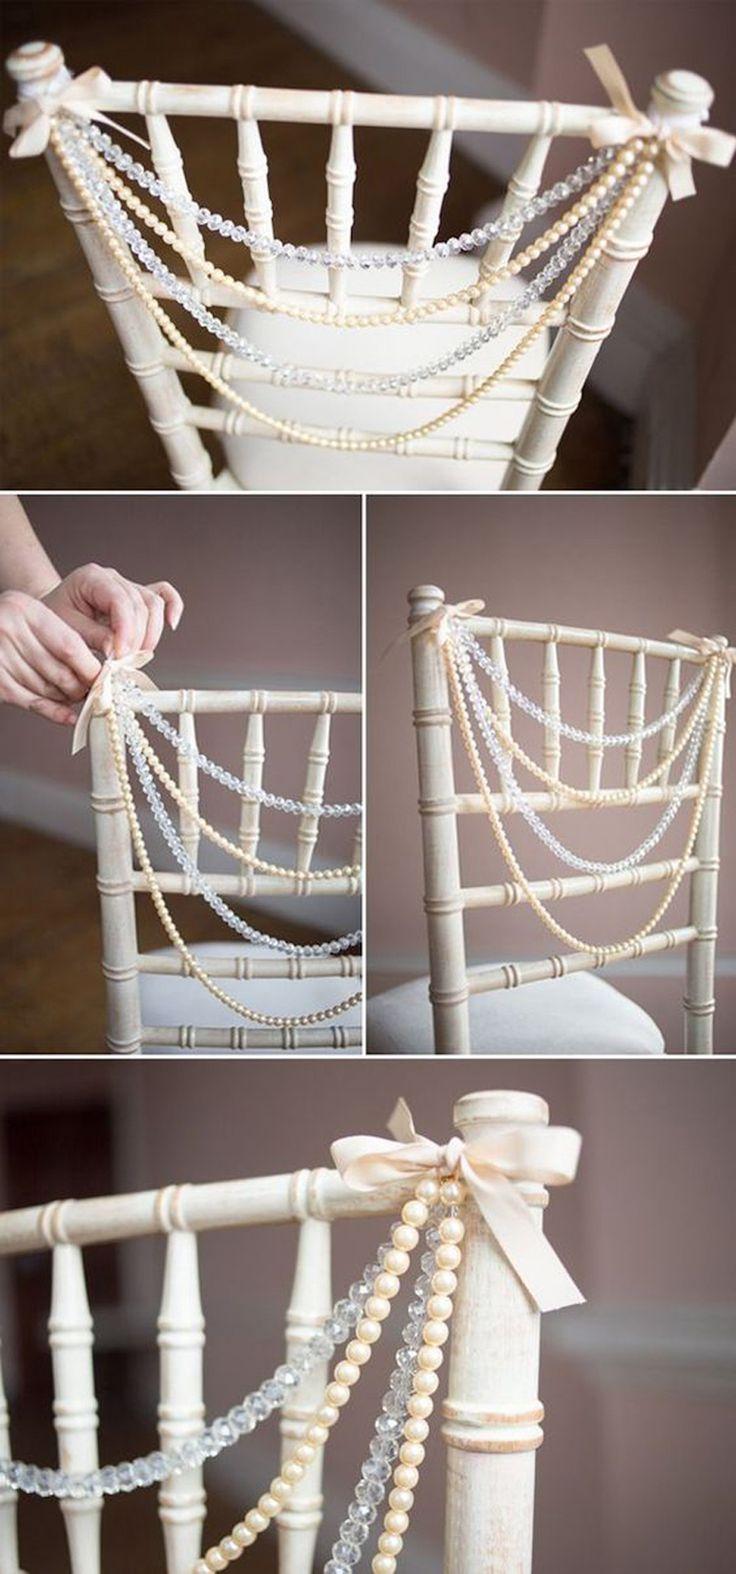 Les 25 meilleures id es concernant chaises de mariage sur - Patron housse de chaise mariage gratuit ...